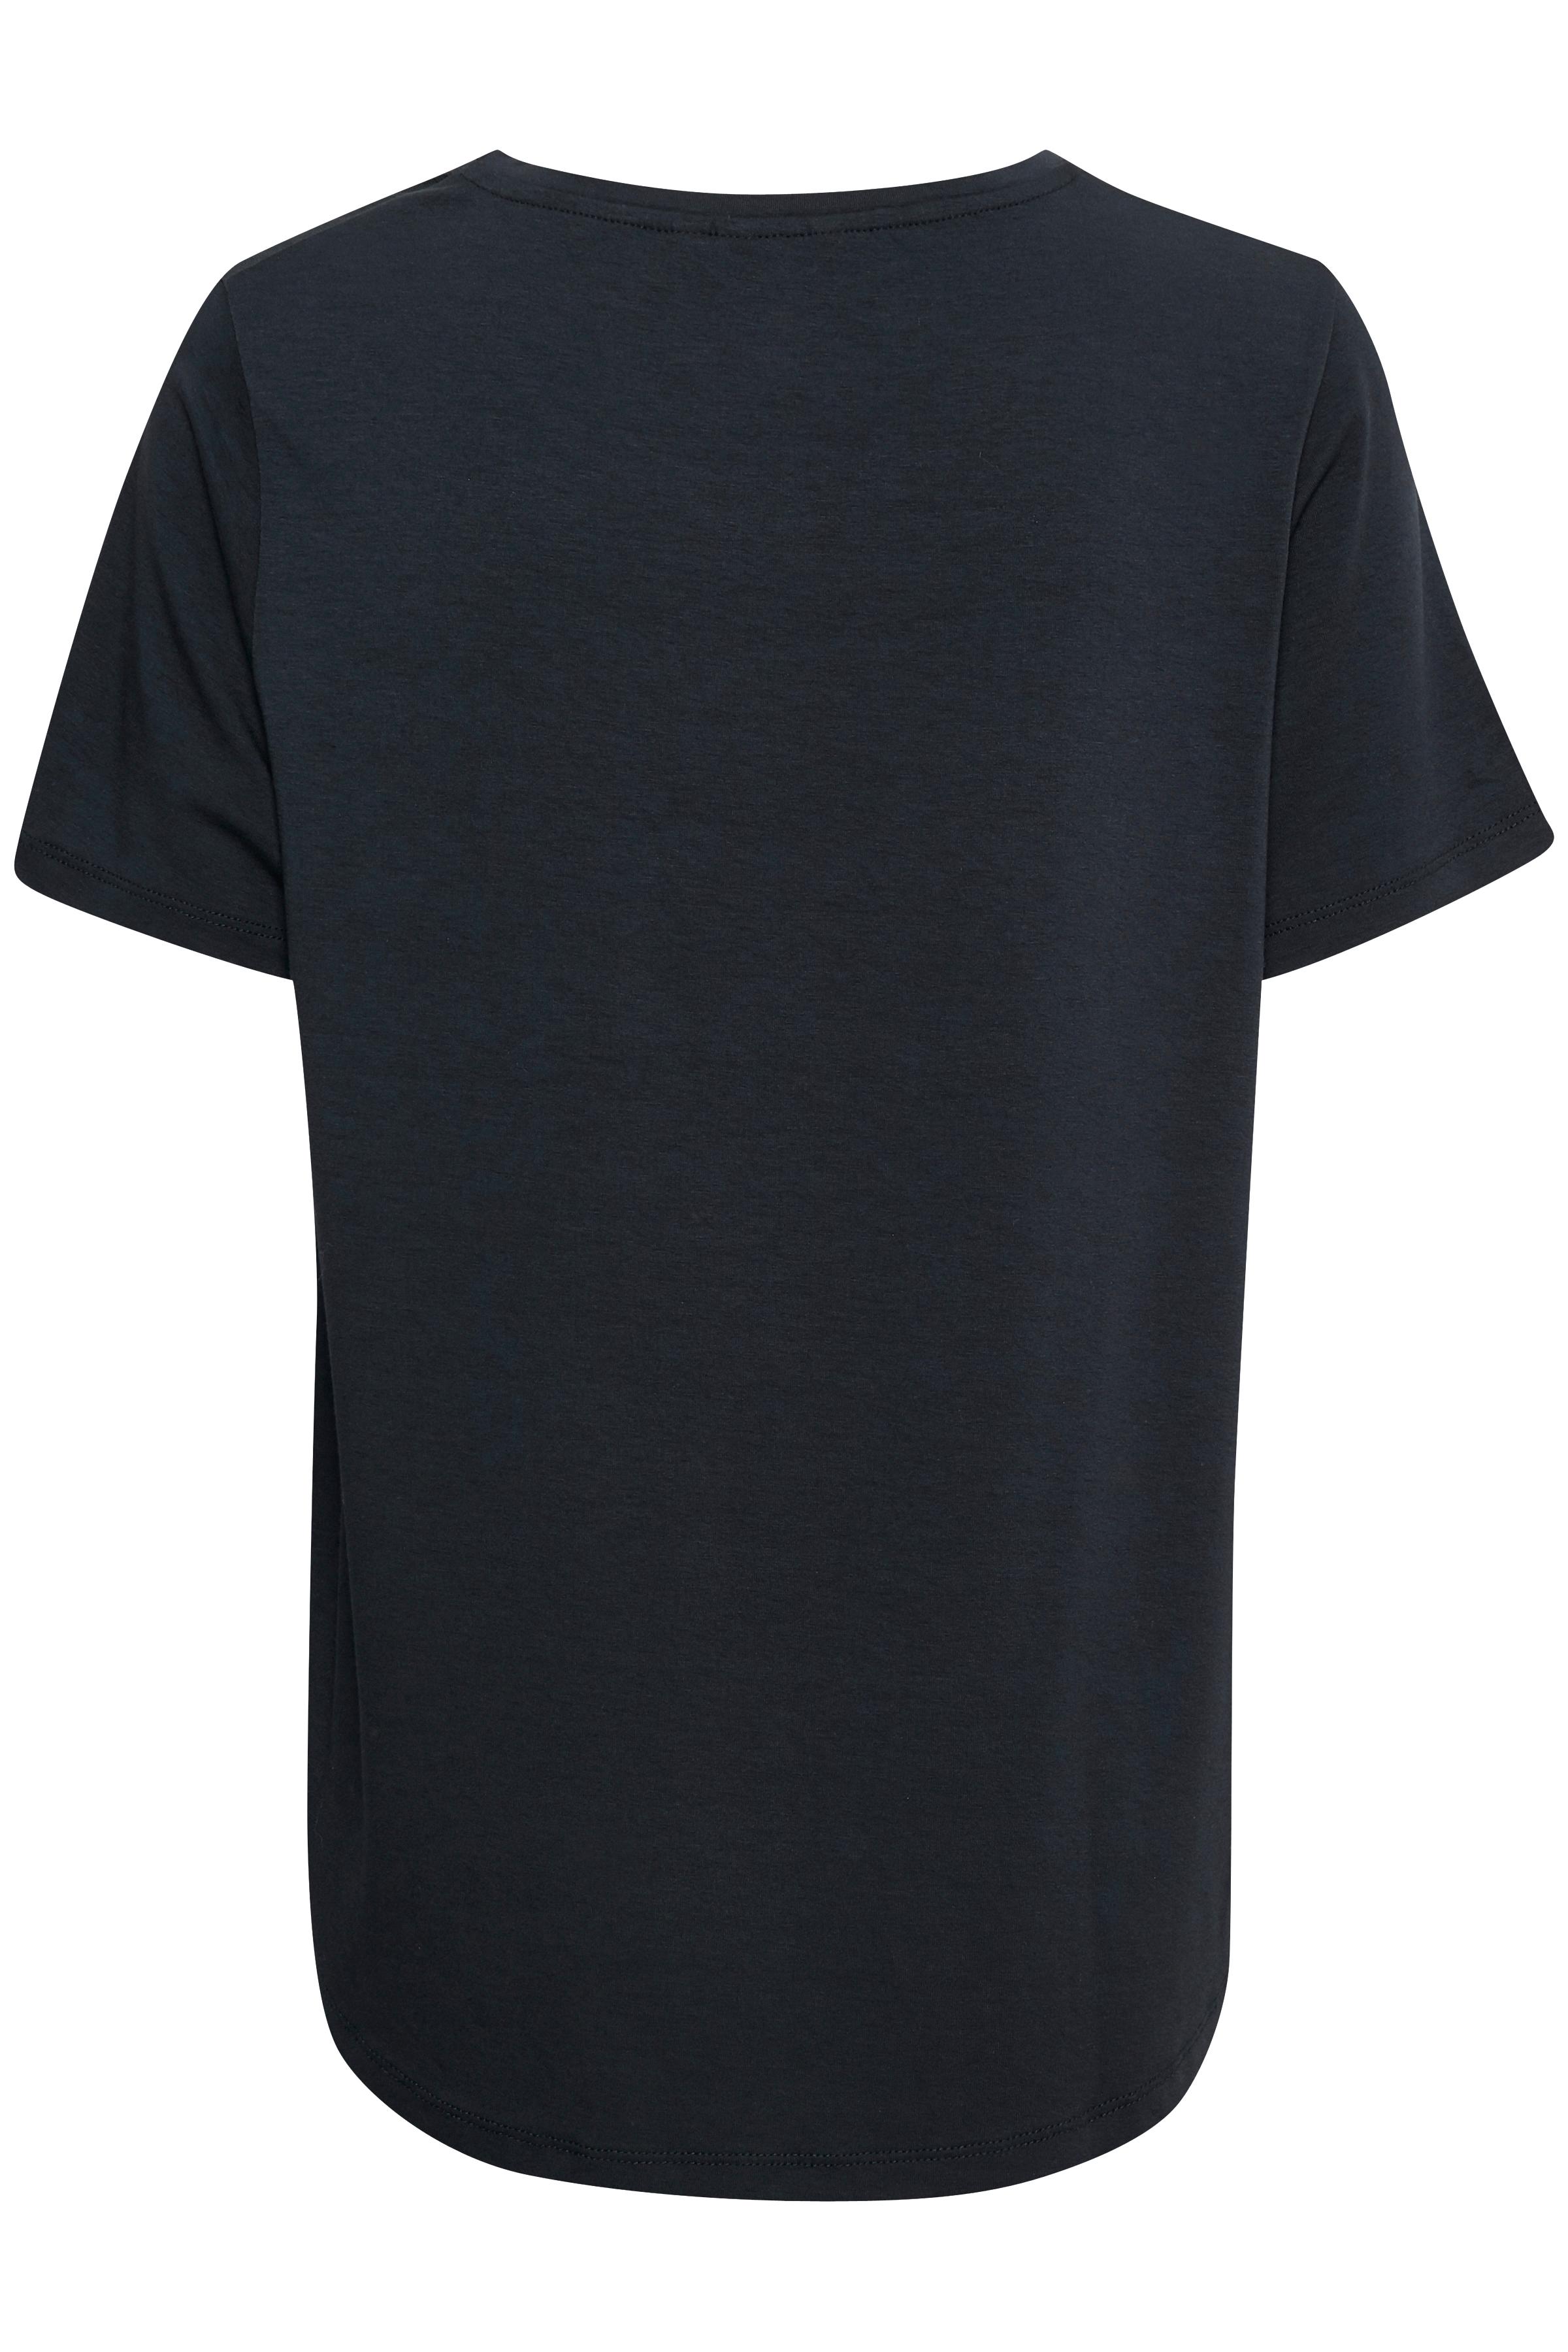 Marinblå Kortärmad T-shirt  från Bon'A Parte – Köp Marinblå Kortärmad T-shirt  från stl. S-2XL här